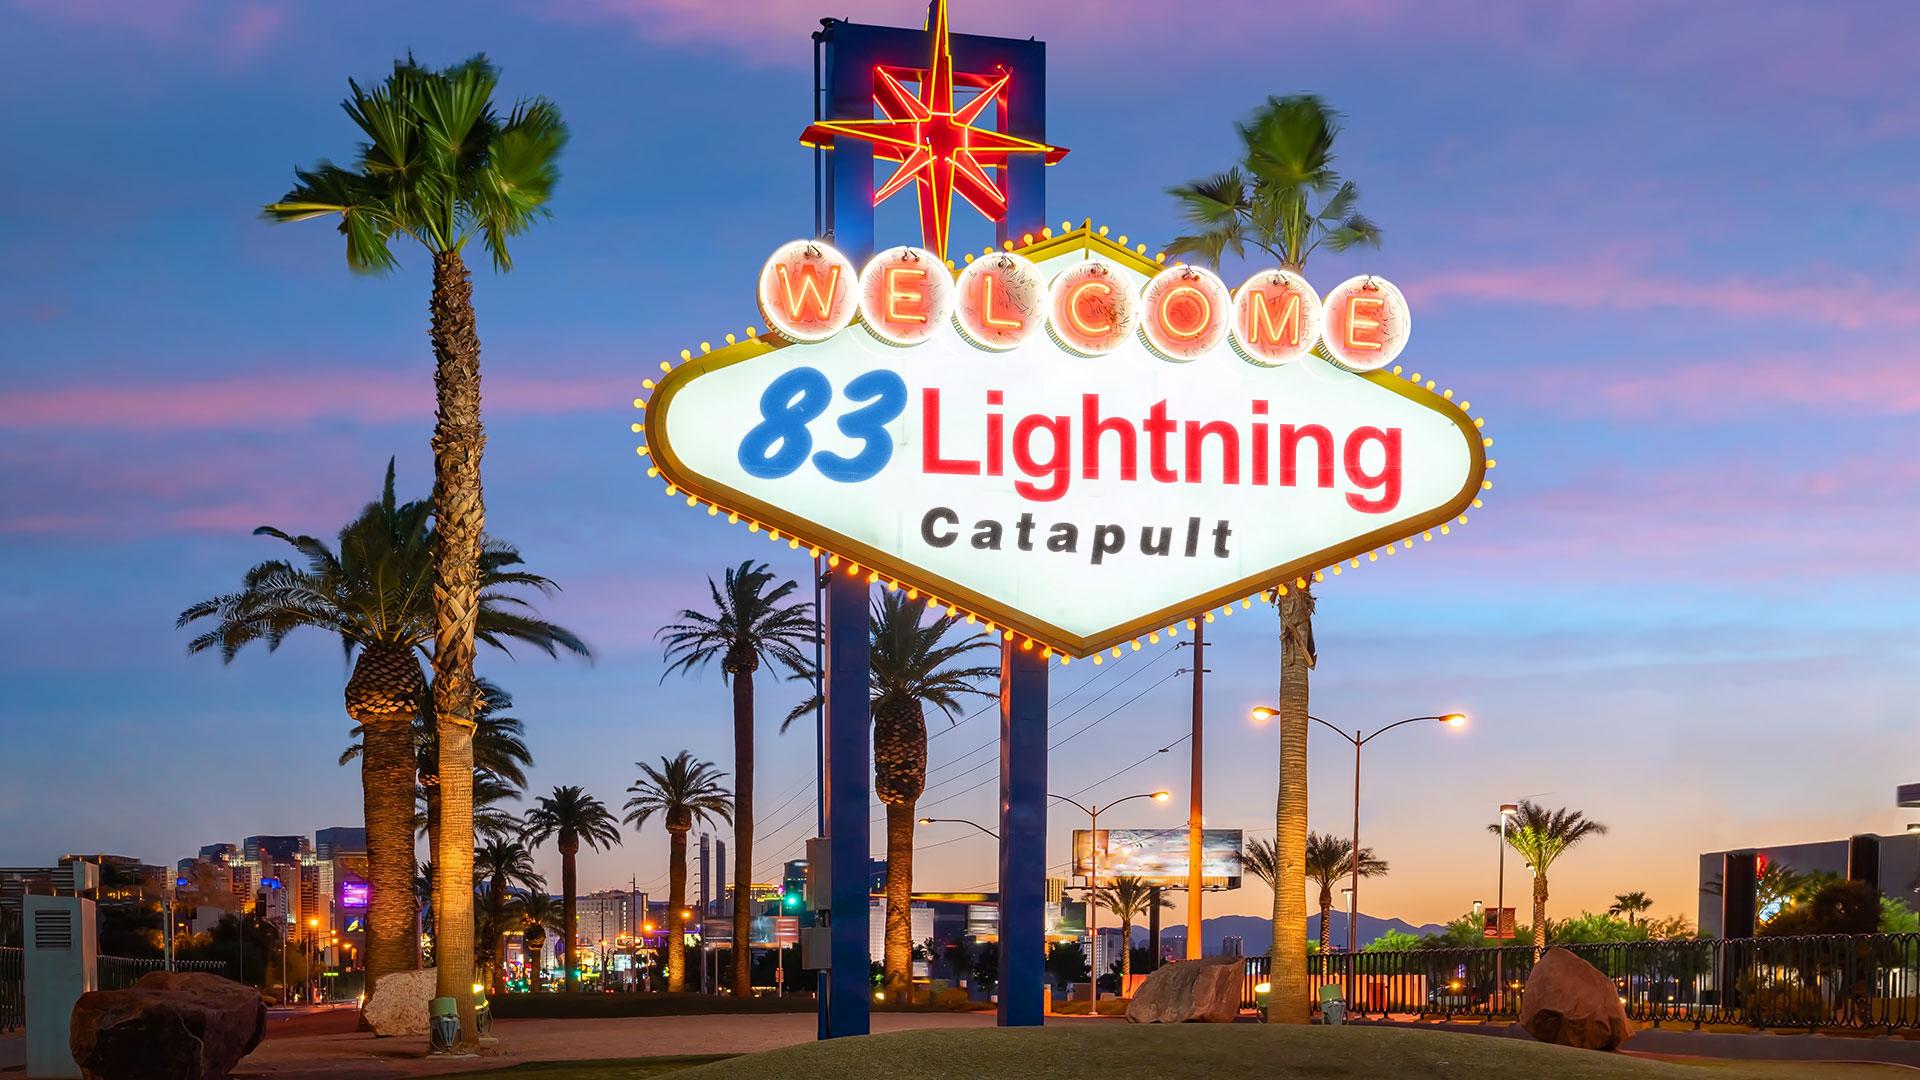 83Lightning Catapult